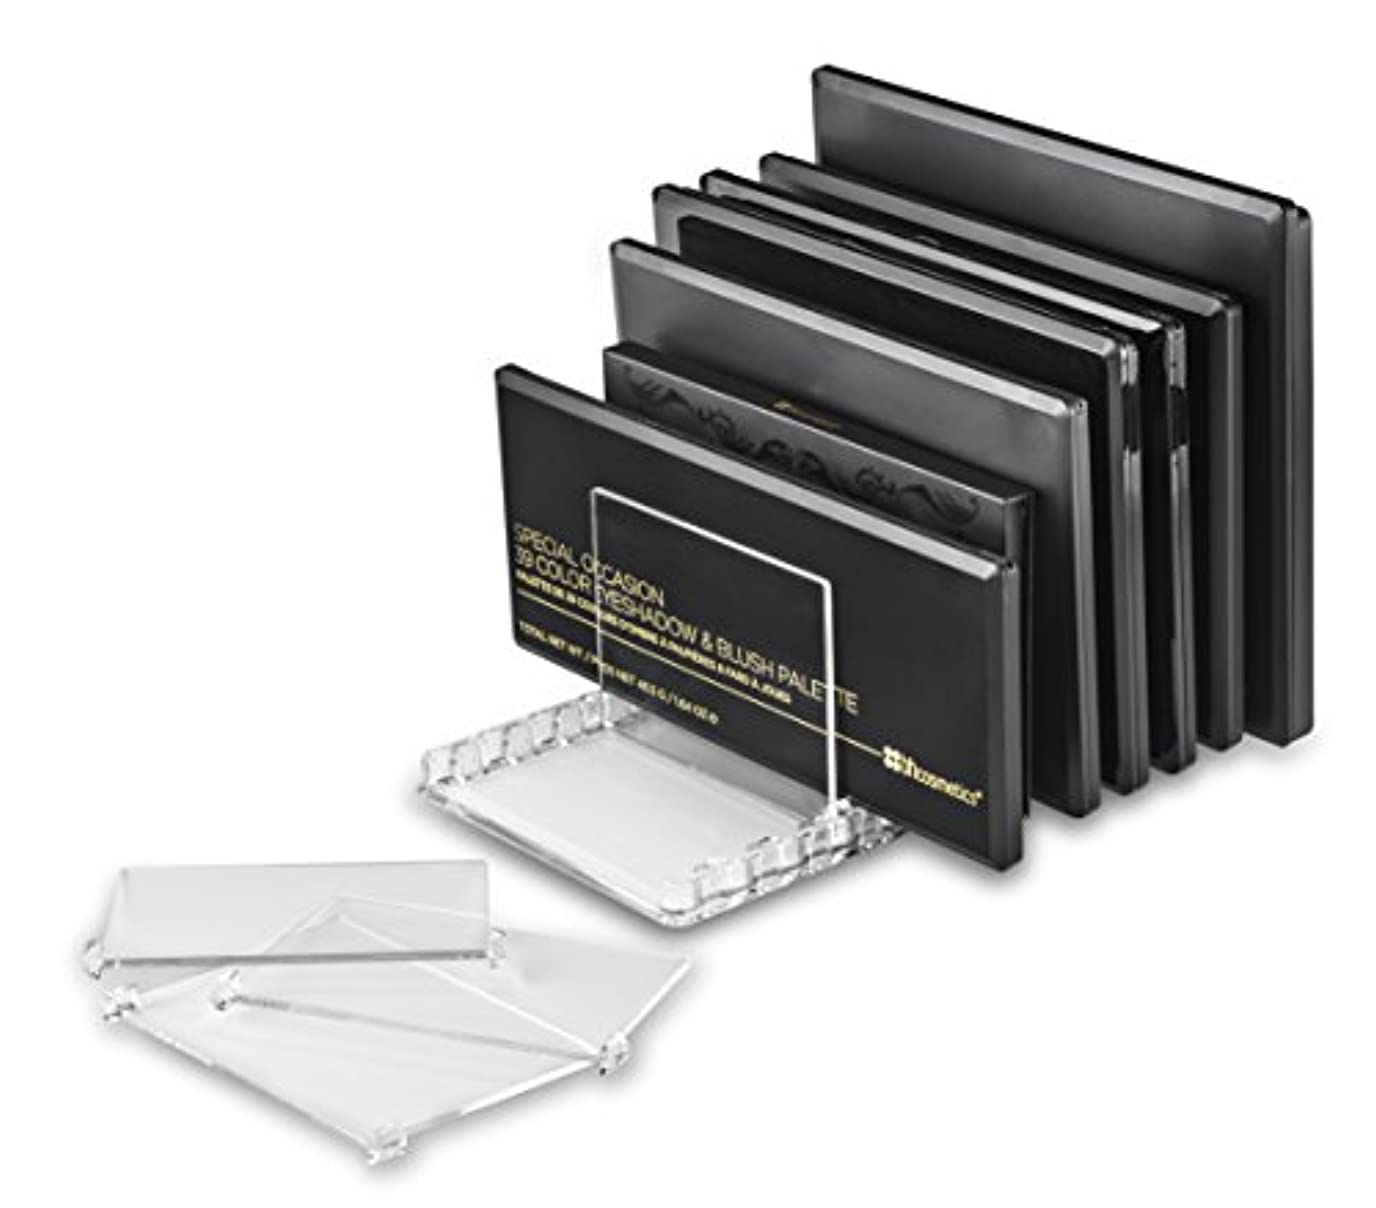 バレルアウターグラムbyAlegory取り外し可能な仕切り付きアクリル製メイクパレットオーガナイザー10個のスペースはすべてのパレットサイズに適合